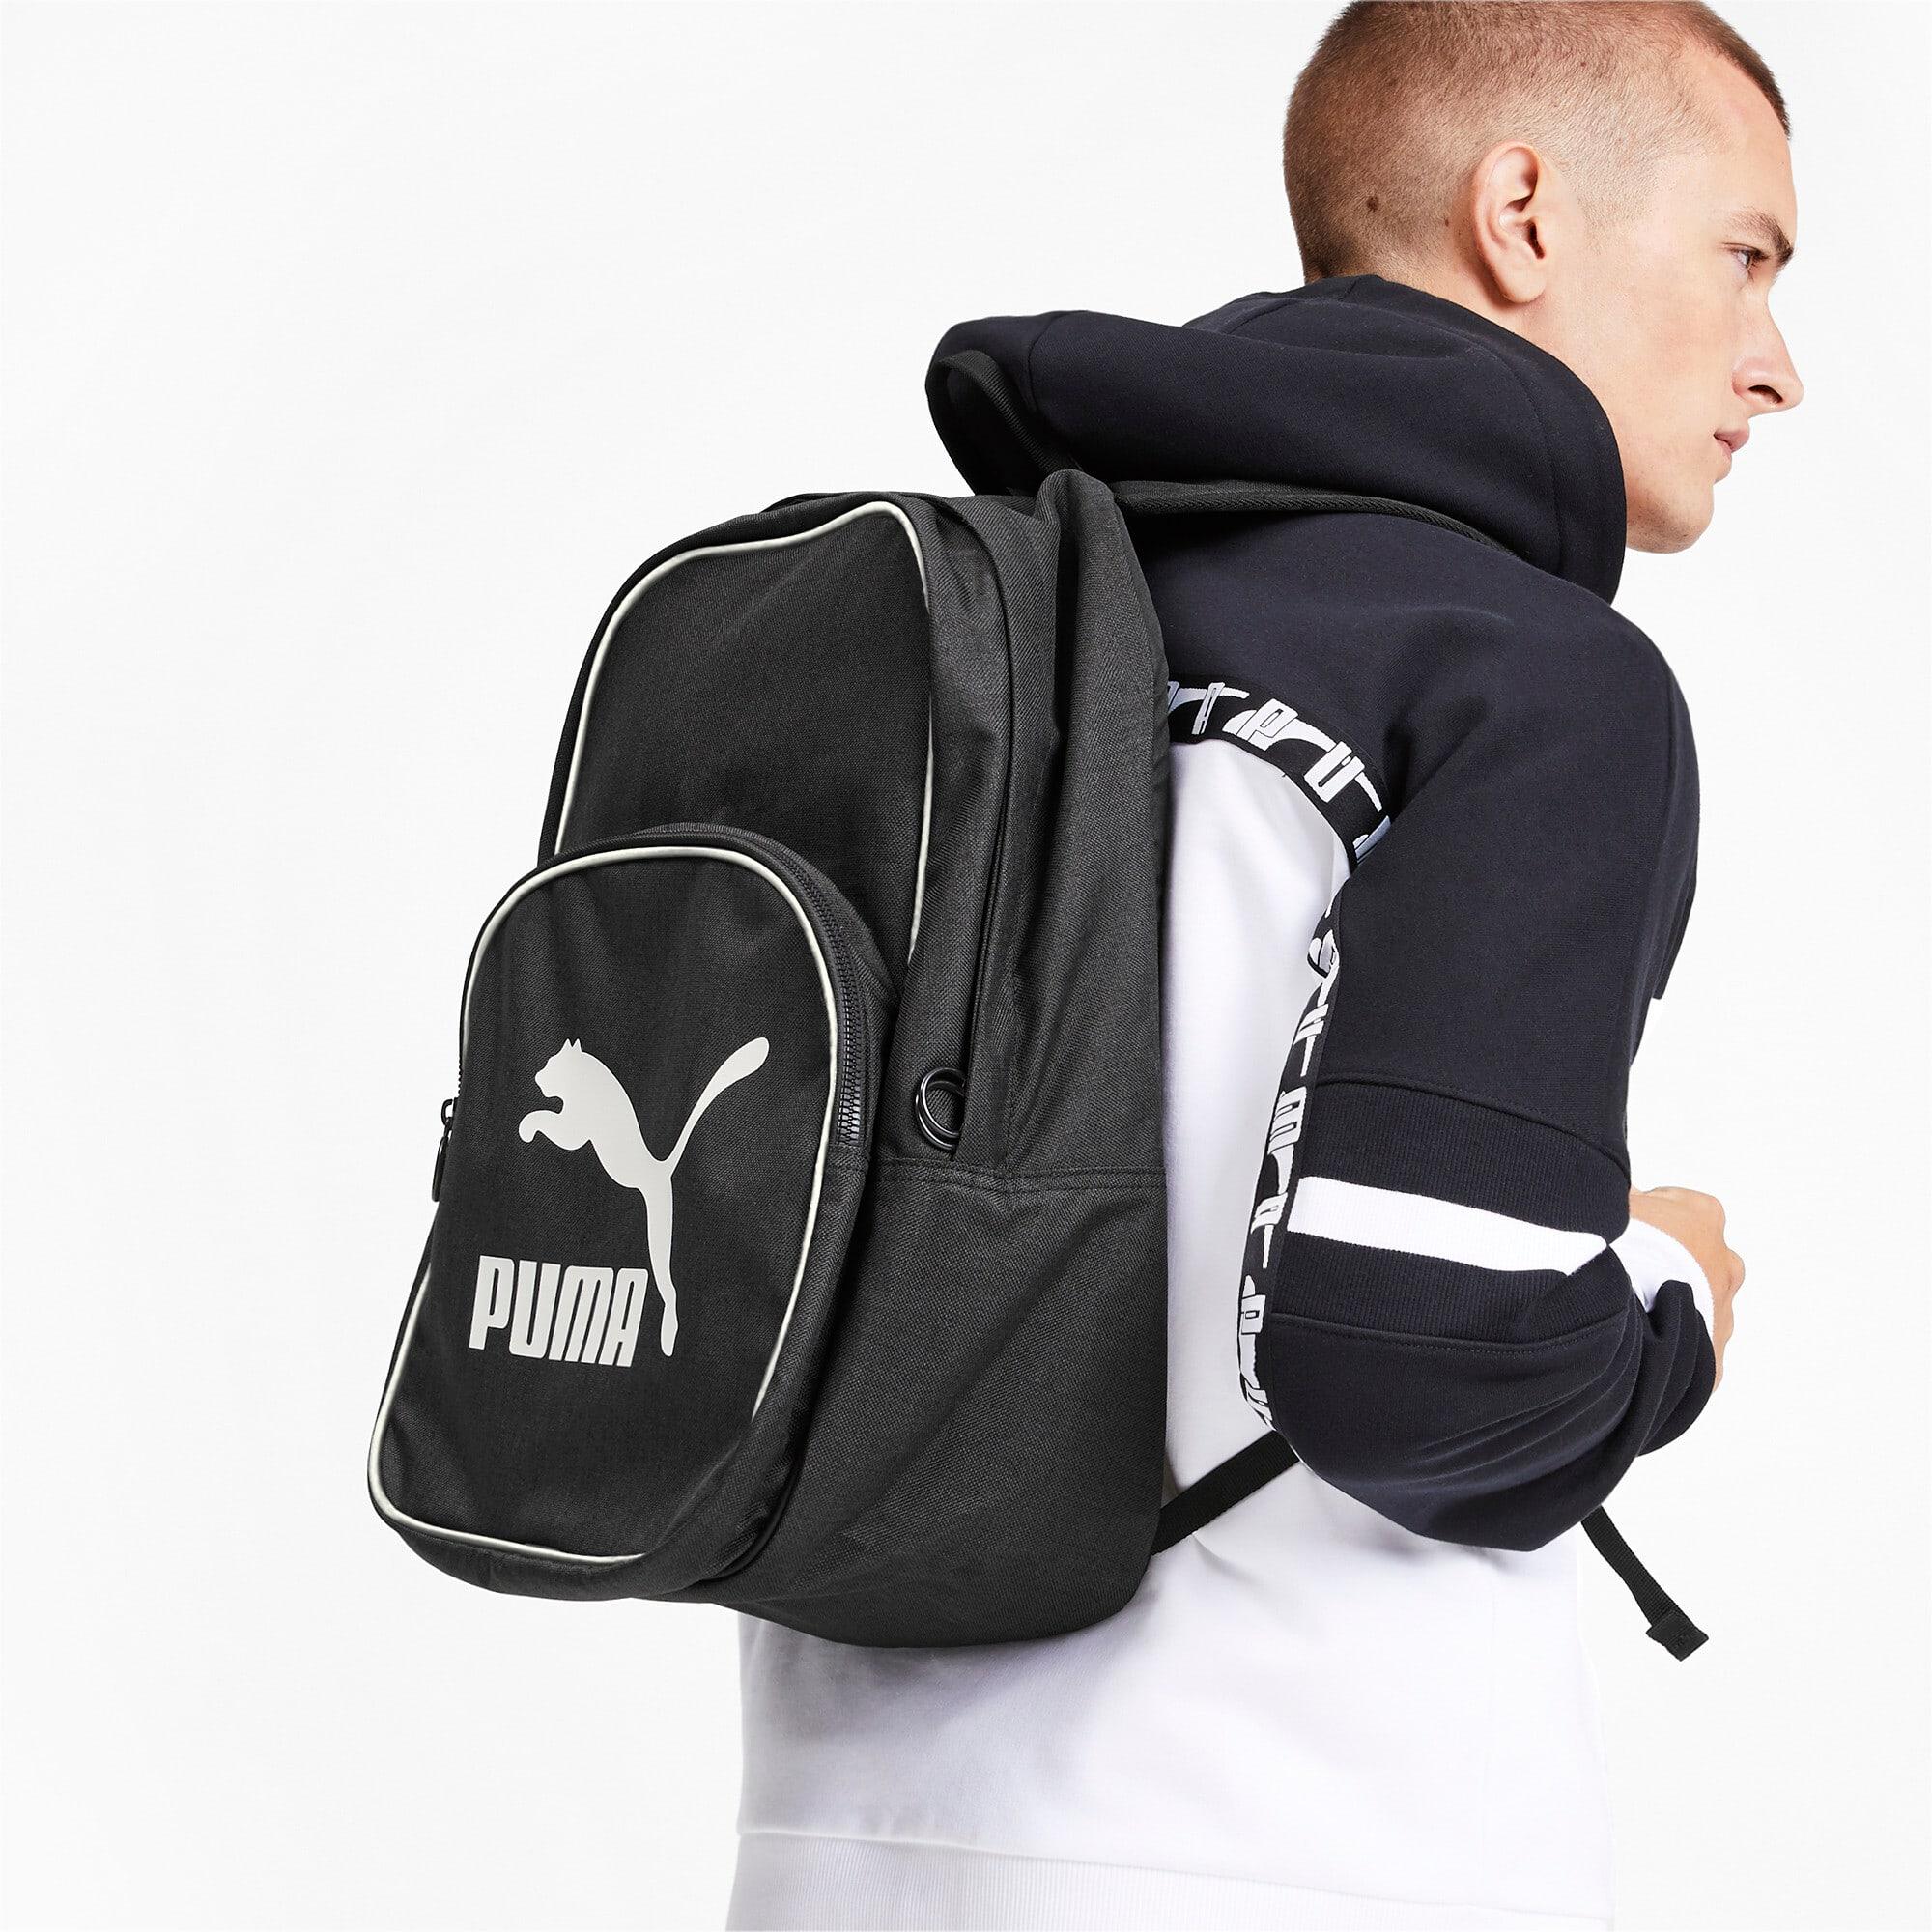 Thumbnail 2 of Originals Retro Woven Backpack, Puma Black, medium